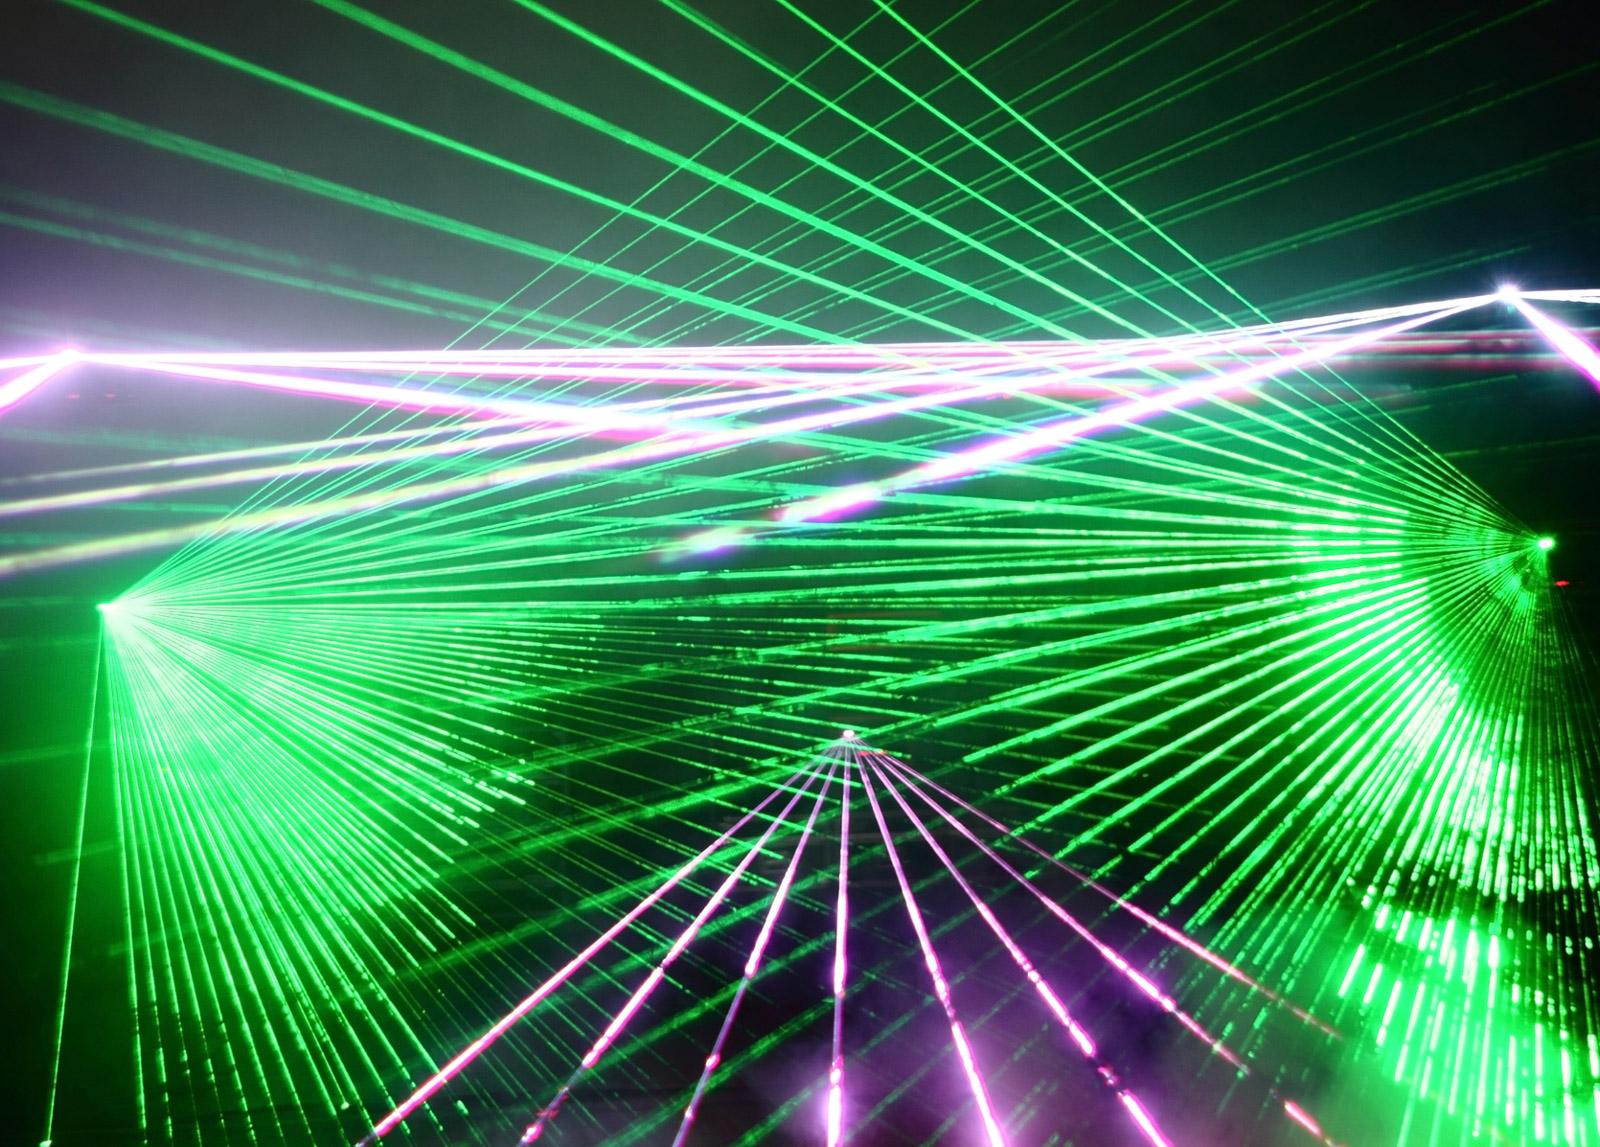 Семинары по лазерной динамике от профессора Тома Эрню (Universite Libre de Bruxelles, Бельгия)